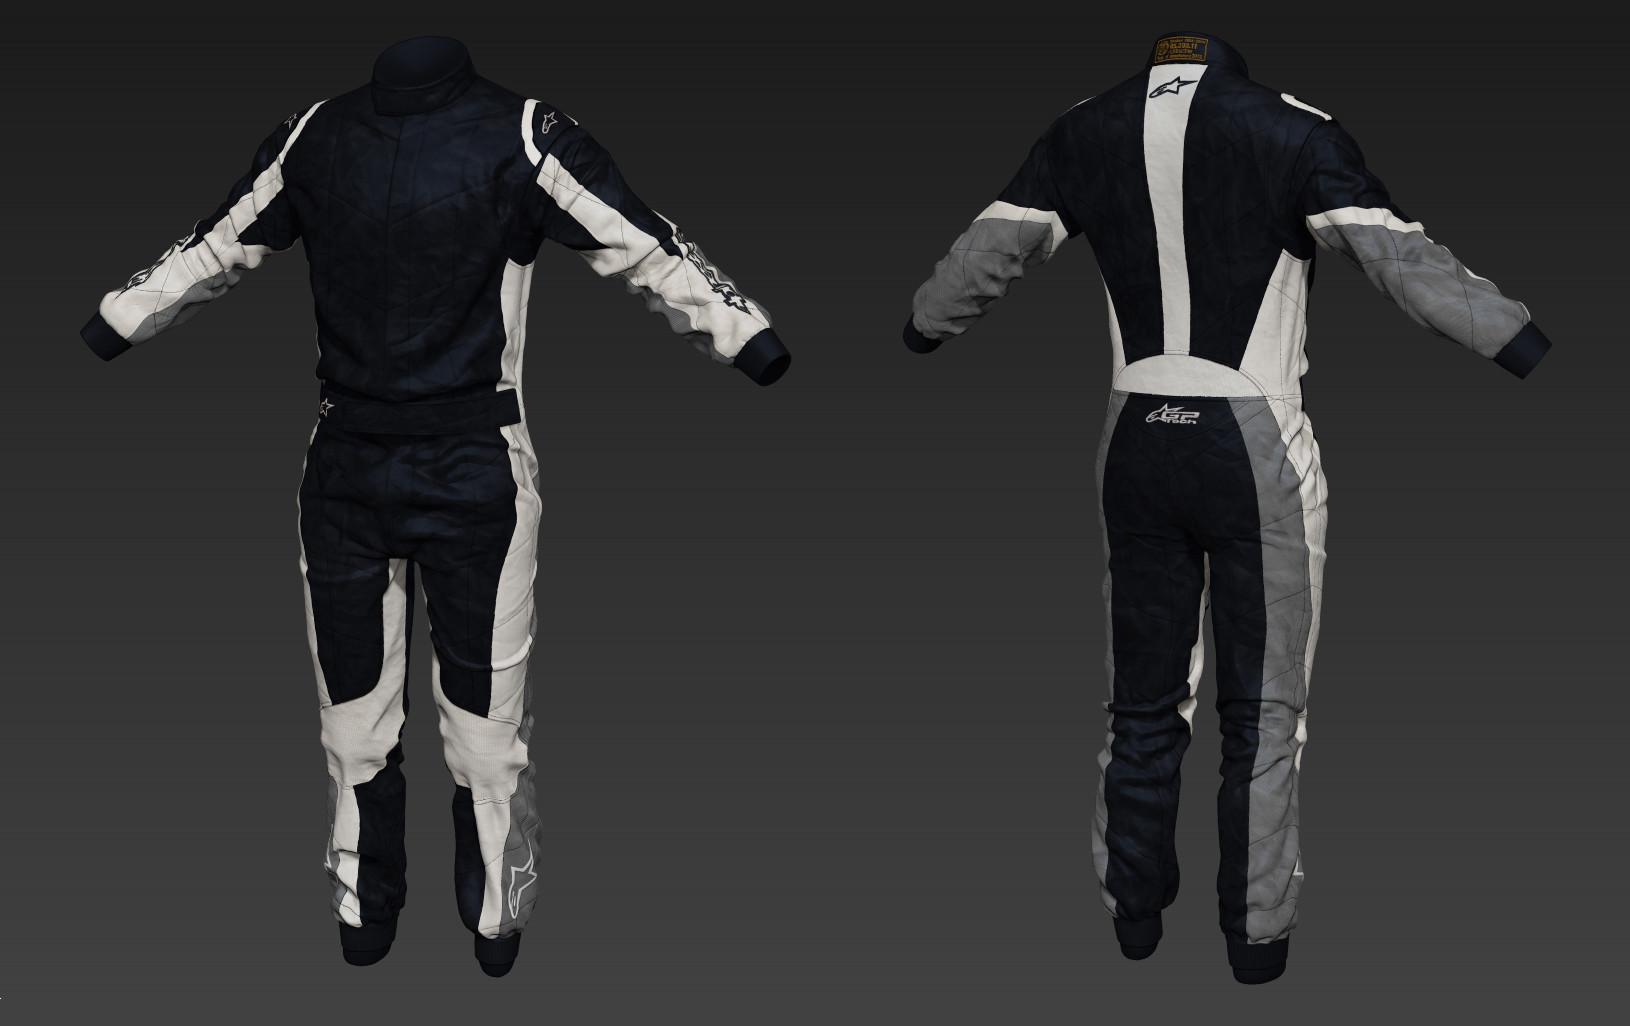 Toby hynes as suit sculpt textured 01